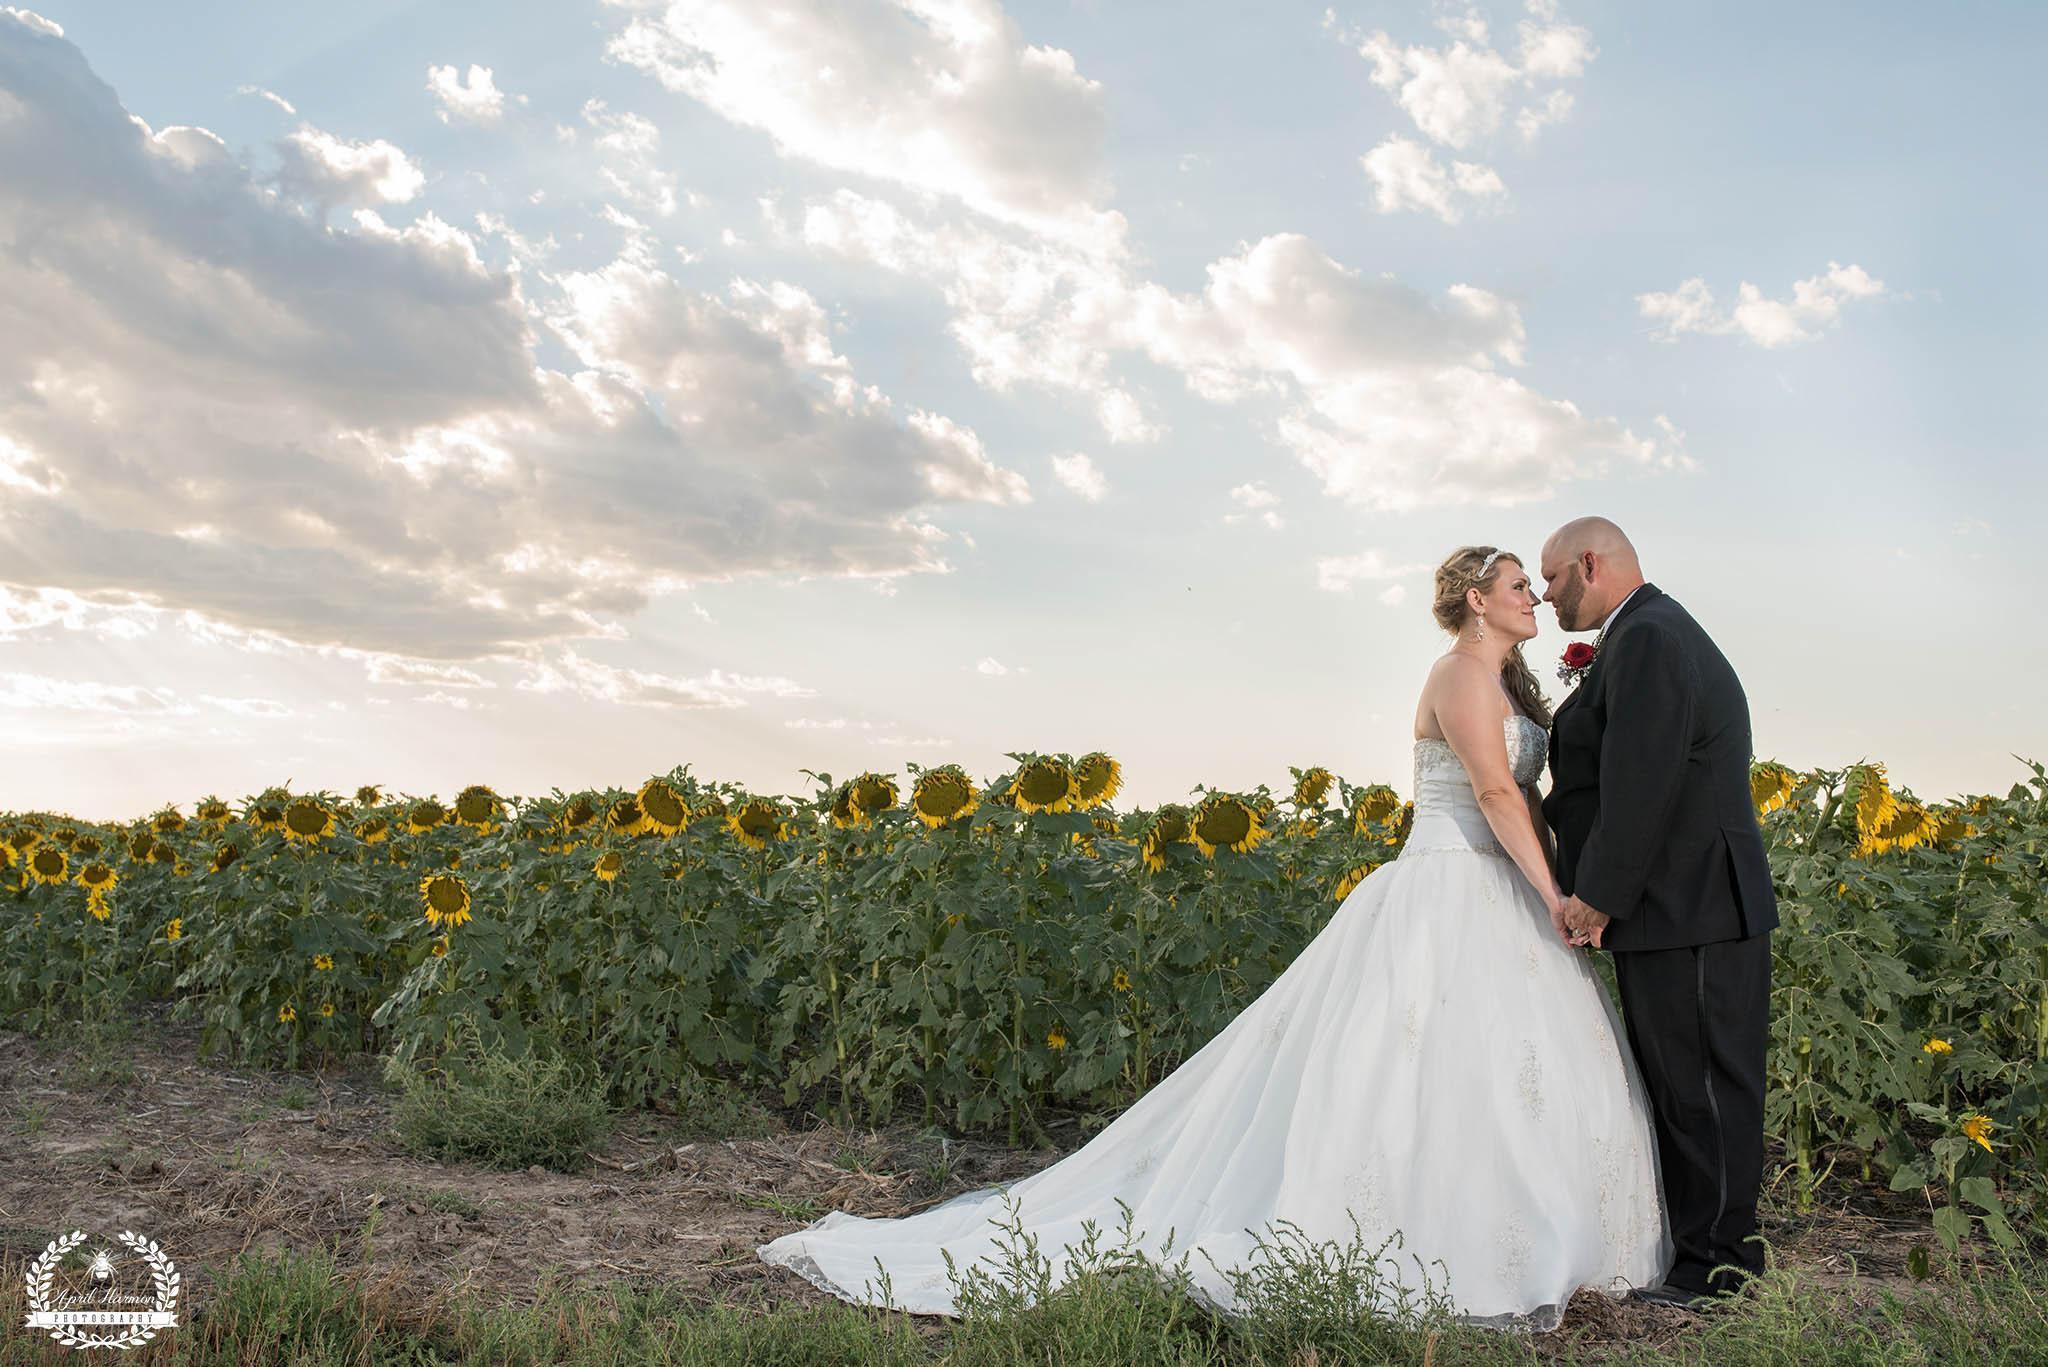 southwest-kansas-wedding-photography122.jpg